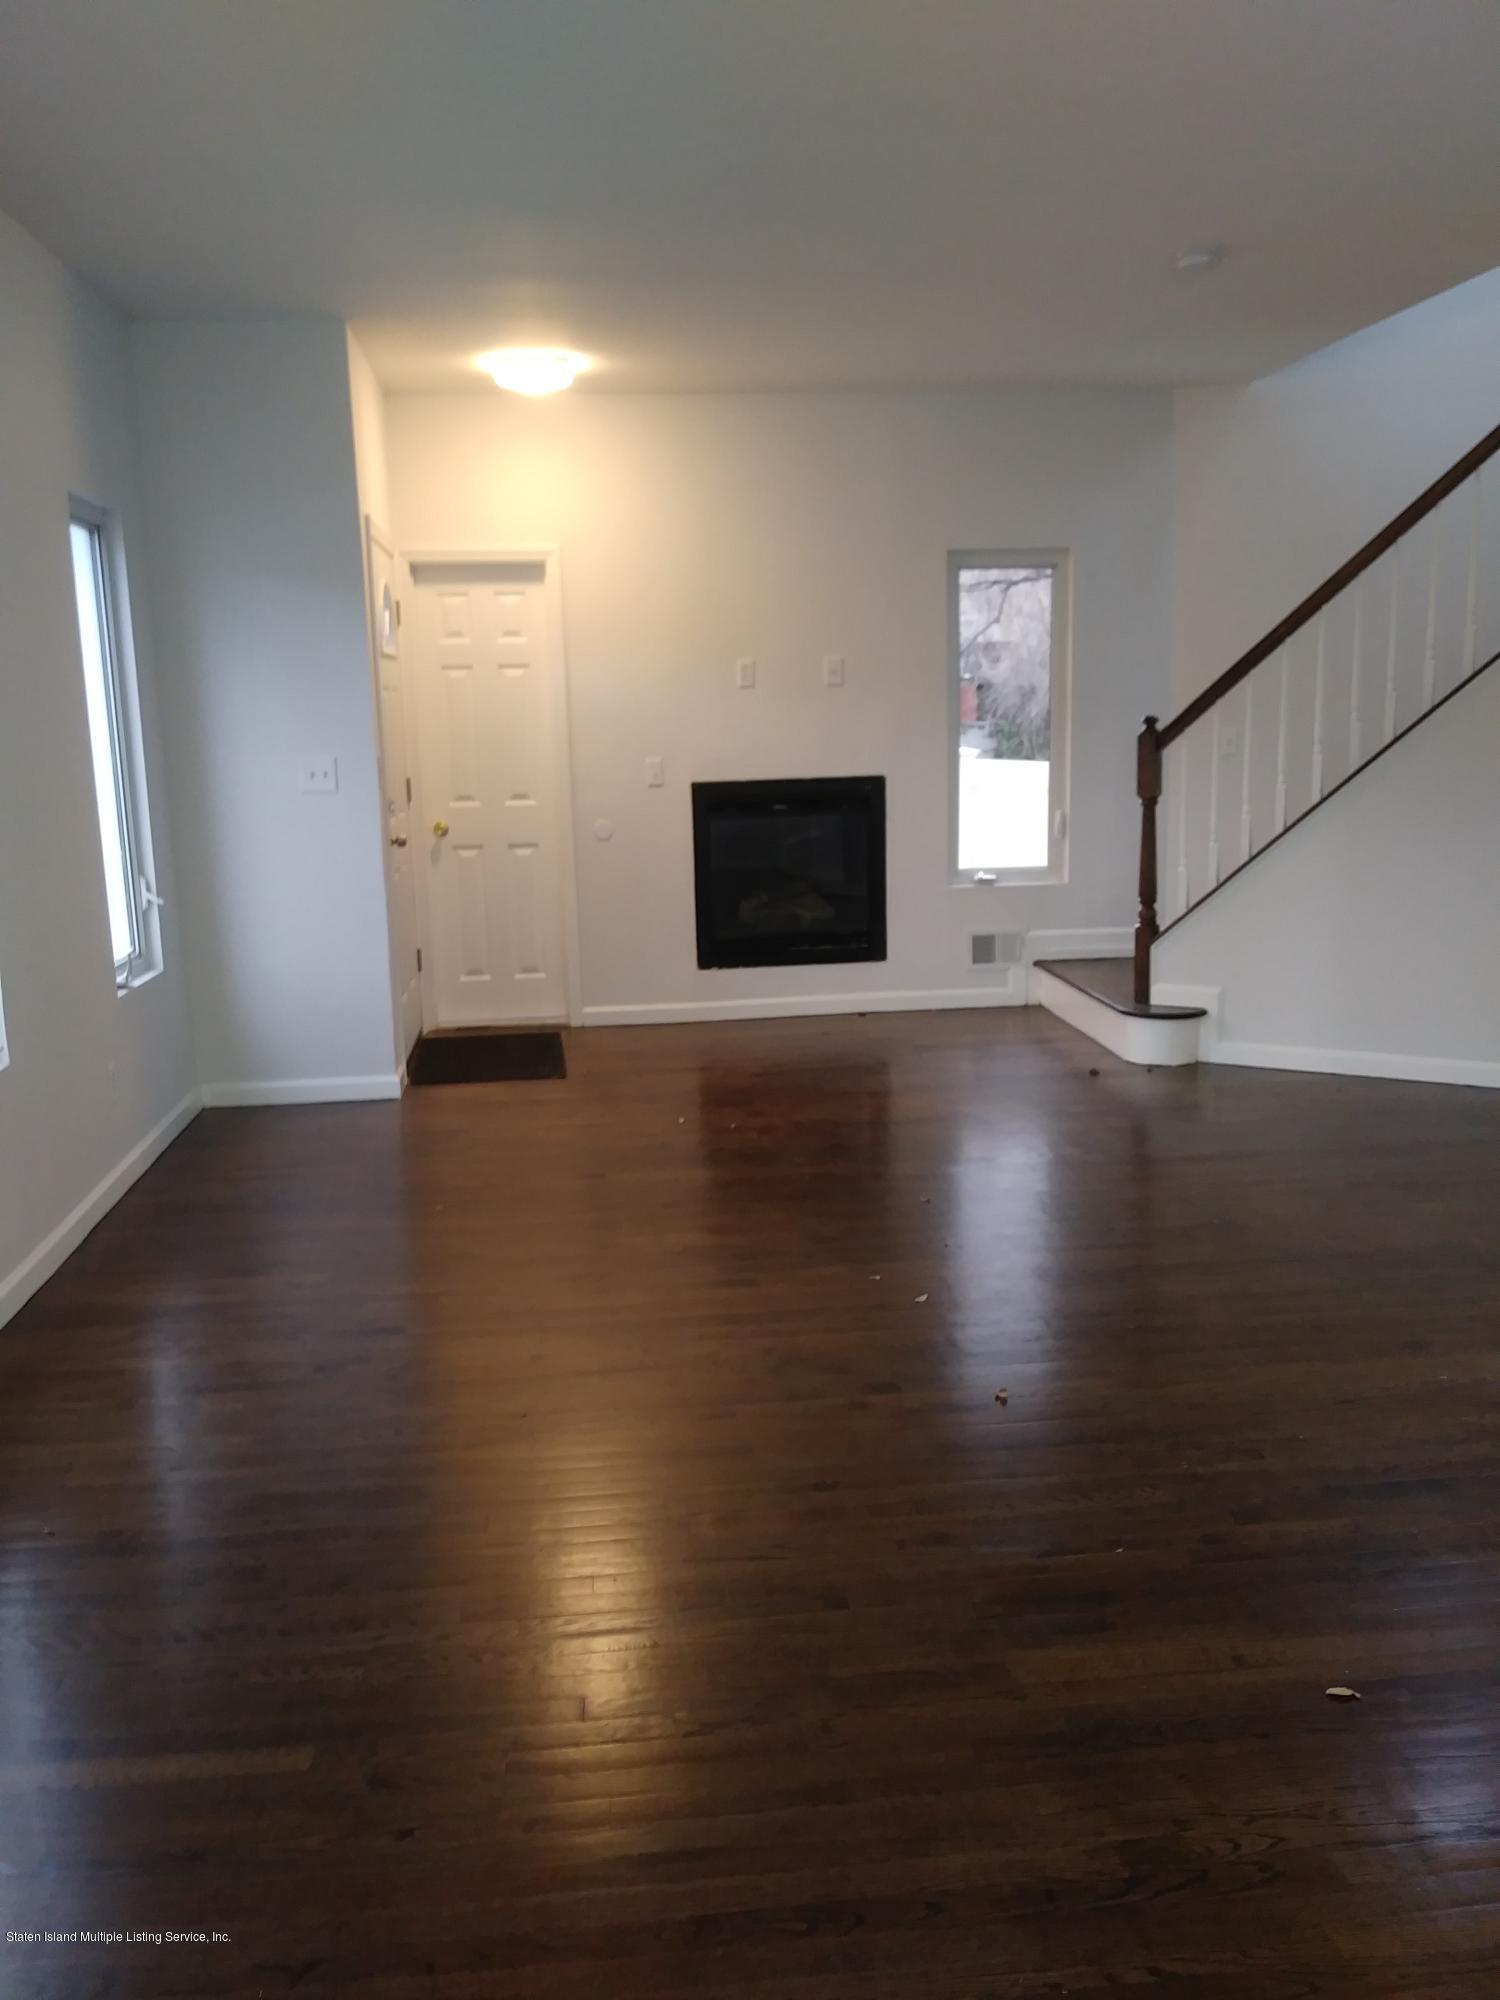 Single Family - Attached 8 Penton Street  Staten Island, NY 10309, MLS-1125381-4